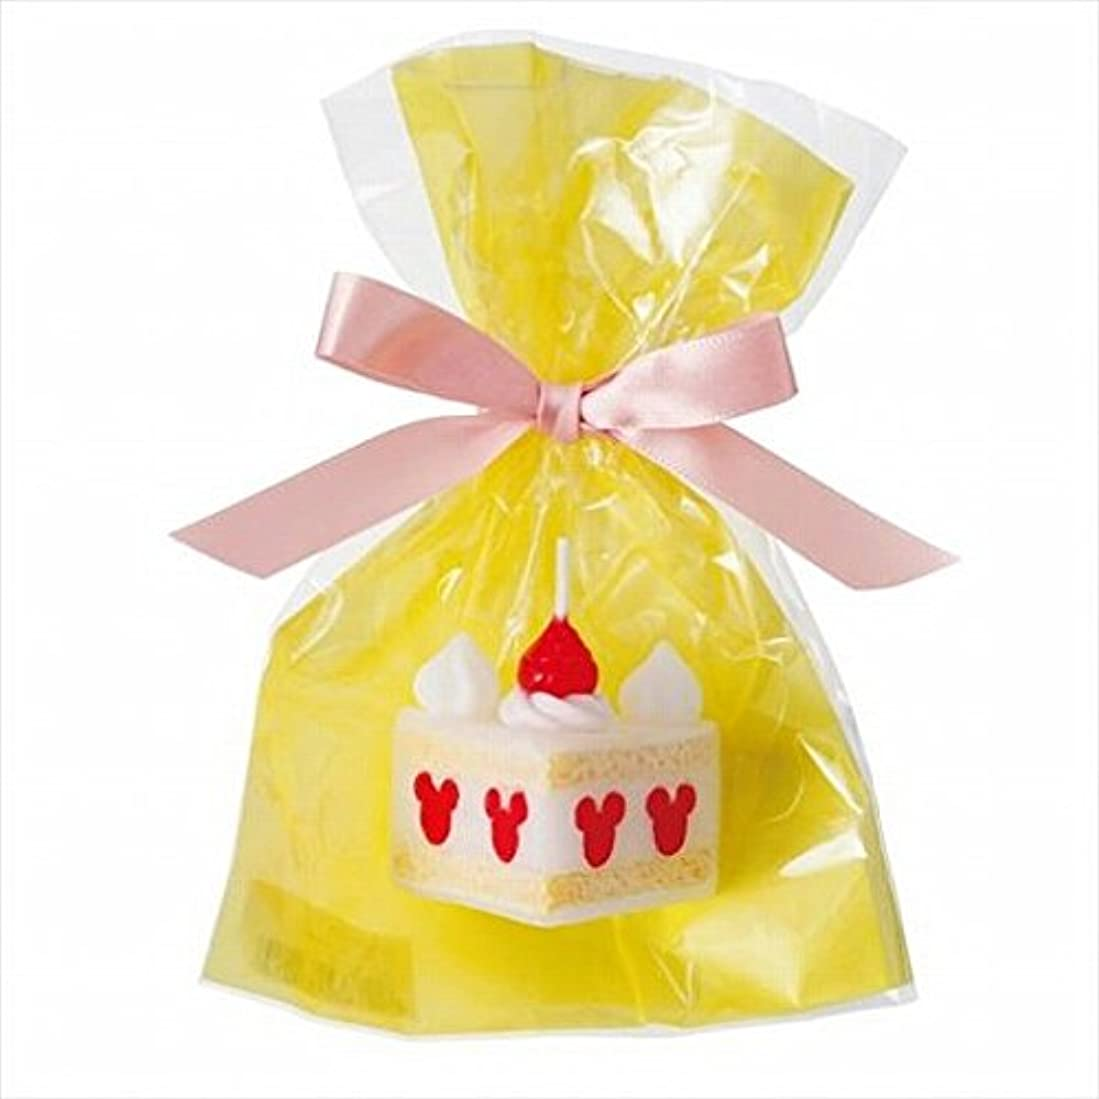 重要なハント誤解sweets candle(スイーツキャンドル) ディズニースイーツキャンドル 「 ショートケーキ 」 キャンドル 43x32x40mm (A4350010)